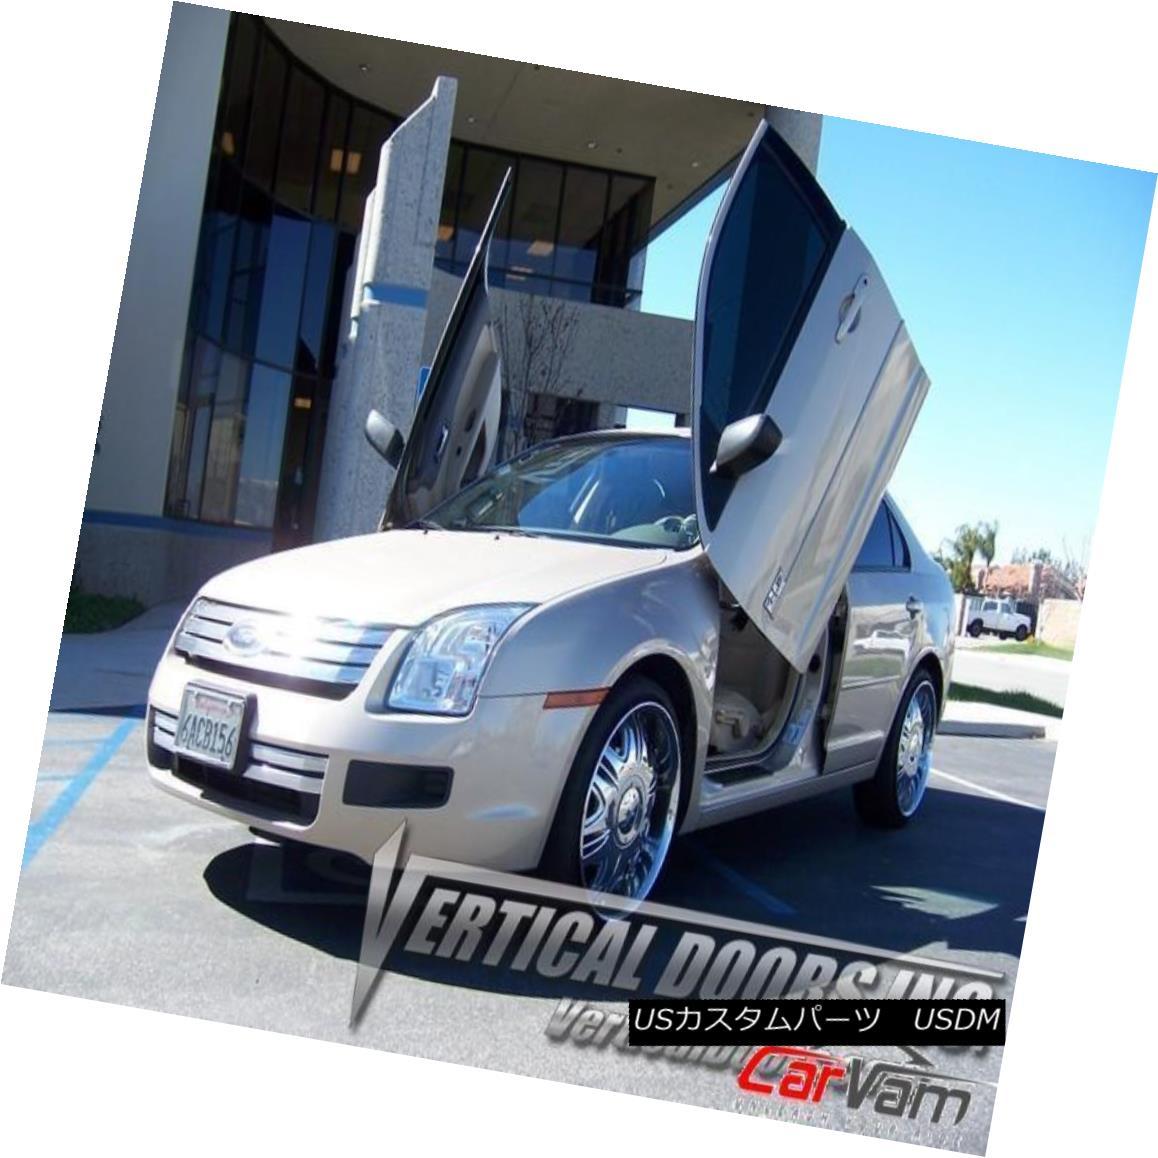 【高知インター店】 ガルウィングキット Vertical Doors 2005-12 Lambo - Vertical Lambo Door Kit For Doors Ford Fusion 2005-12 -VDCFFUS05 垂直ドア - フォードフュージョン2005-12の垂直ランボルフトドアキット-VDCFFUS05, 大野市:f1ce706f --- essexadvan.co.uk